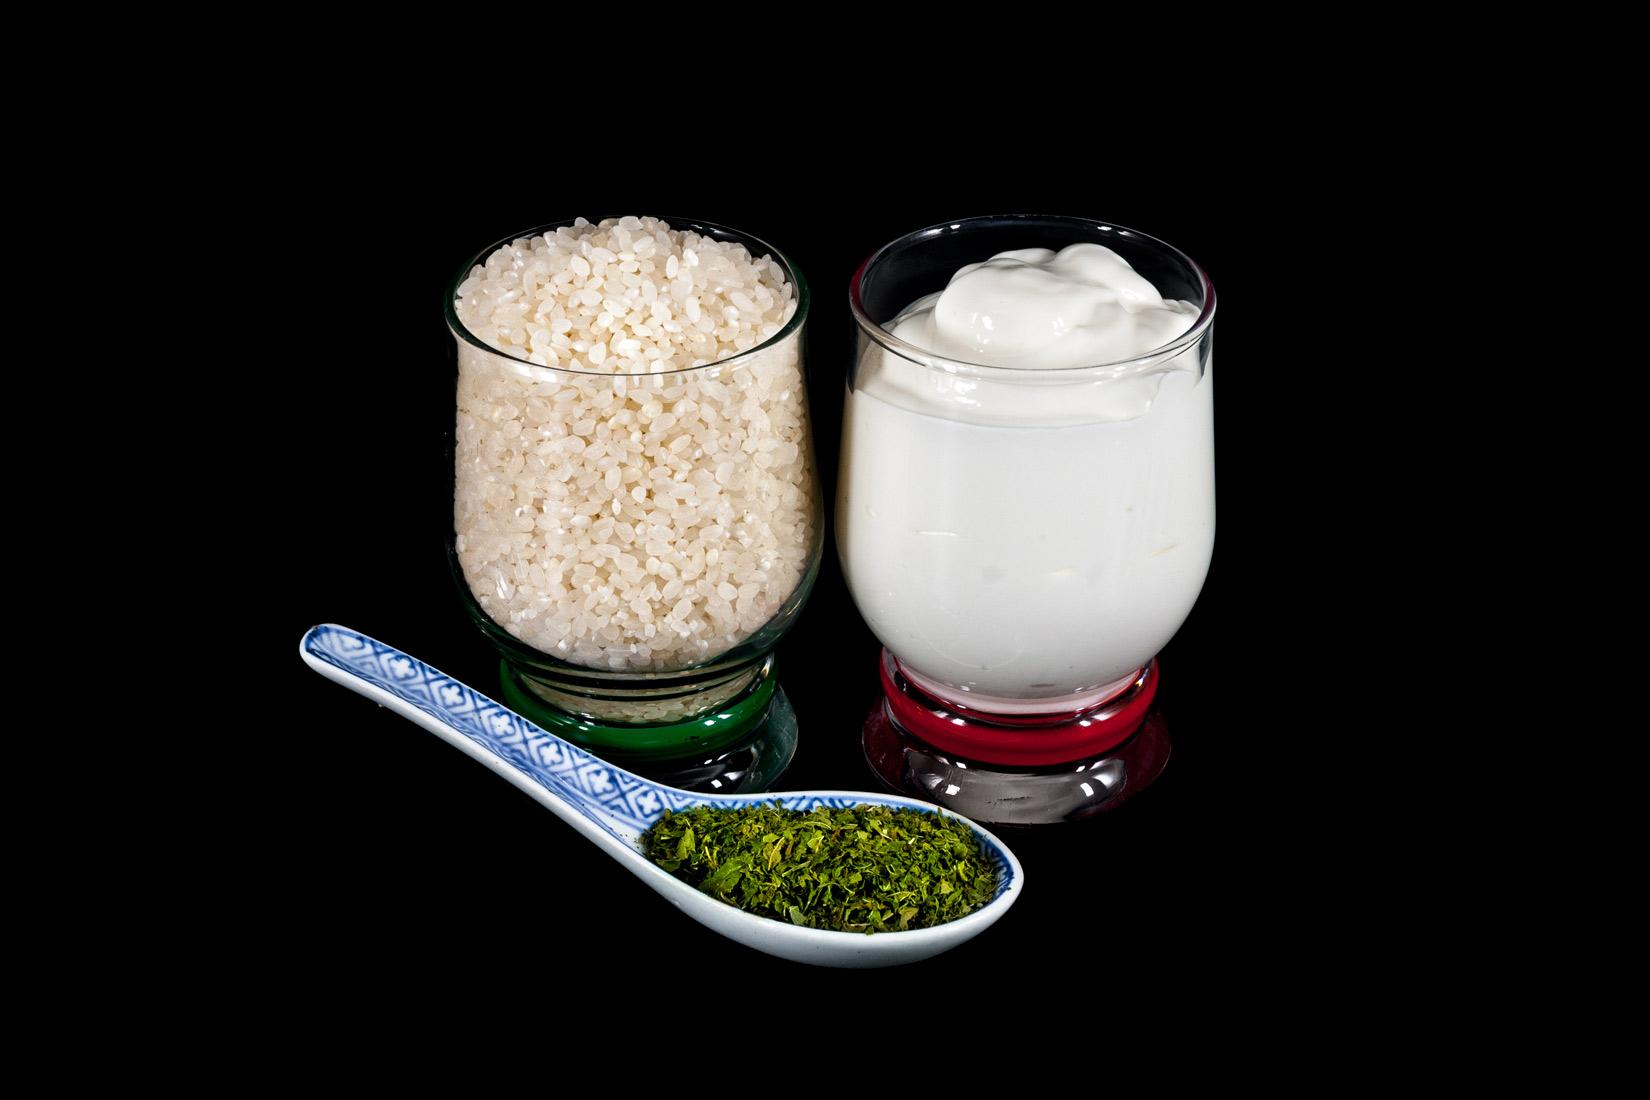 Jogurt, rýže a máta - základní stavební prvky polévky Tanéa